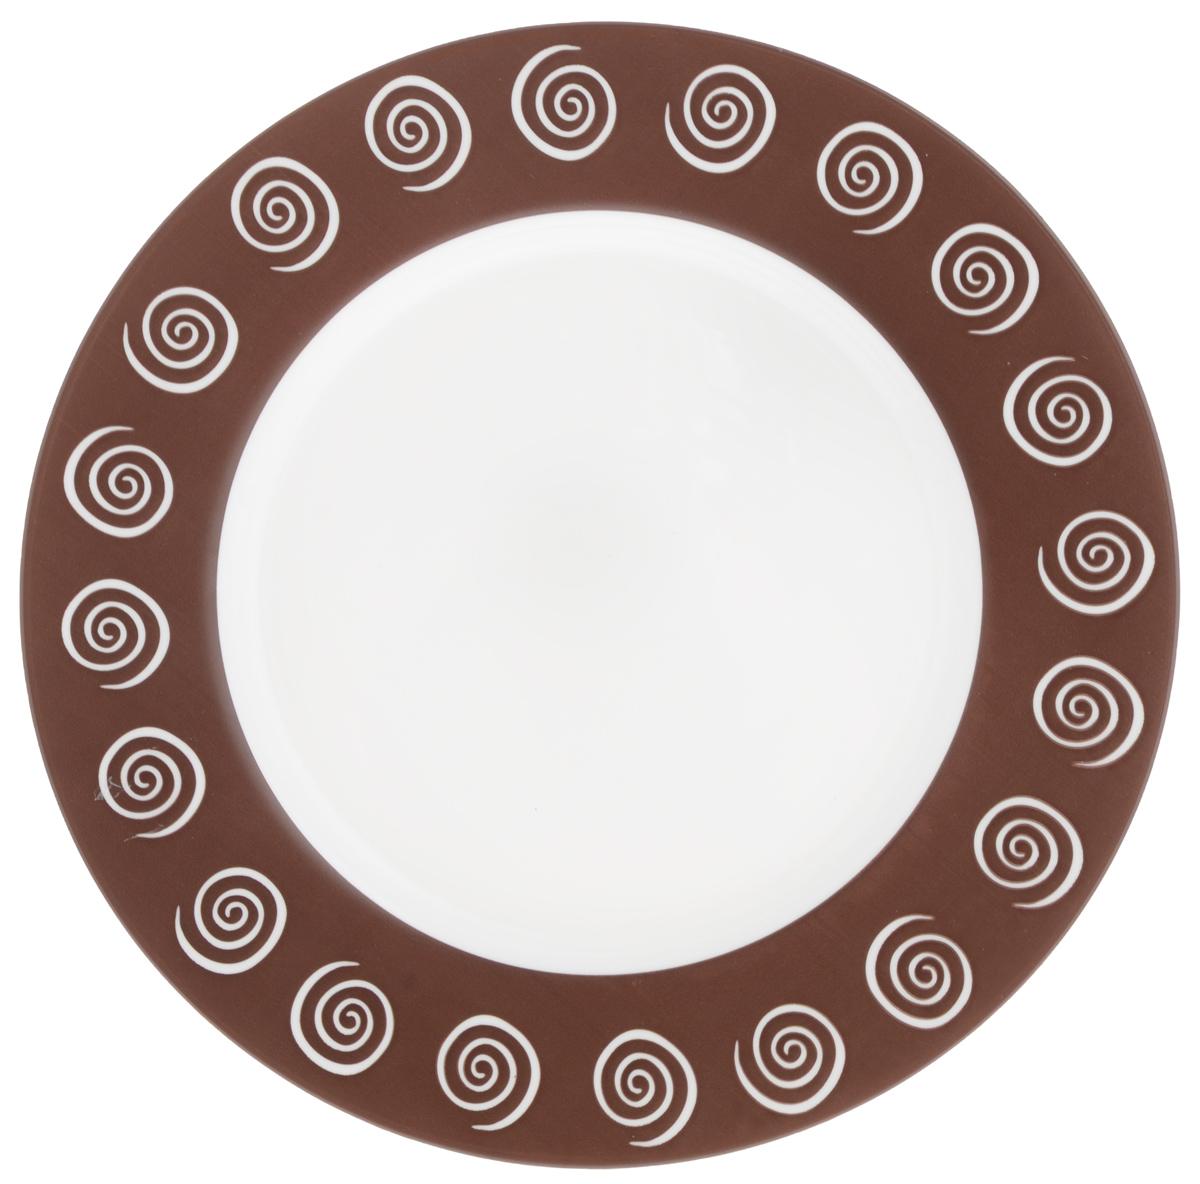 Тарелка обеденная Luminarc Sirocco Brown, диаметр 24 смH4785Обеденная тарелка Luminarc Sirocco Brown, изготовленная из высококачественного стекла, имеет изысканный внешний вид. Такой дизайн придется по вкусу и ценителям классики, и тем, кто предпочитает утонченность. Тарелка Luminarc Sirocco Brown идеально подойдет для сервировки стола и станет отличным подарком к любому празднику.